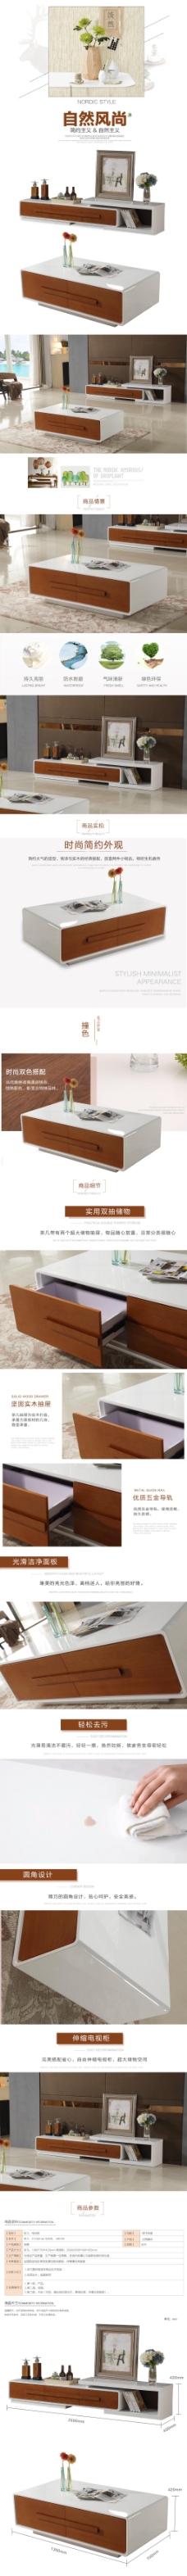 现代茶几电视柜家具组合淘宝天猫详情页